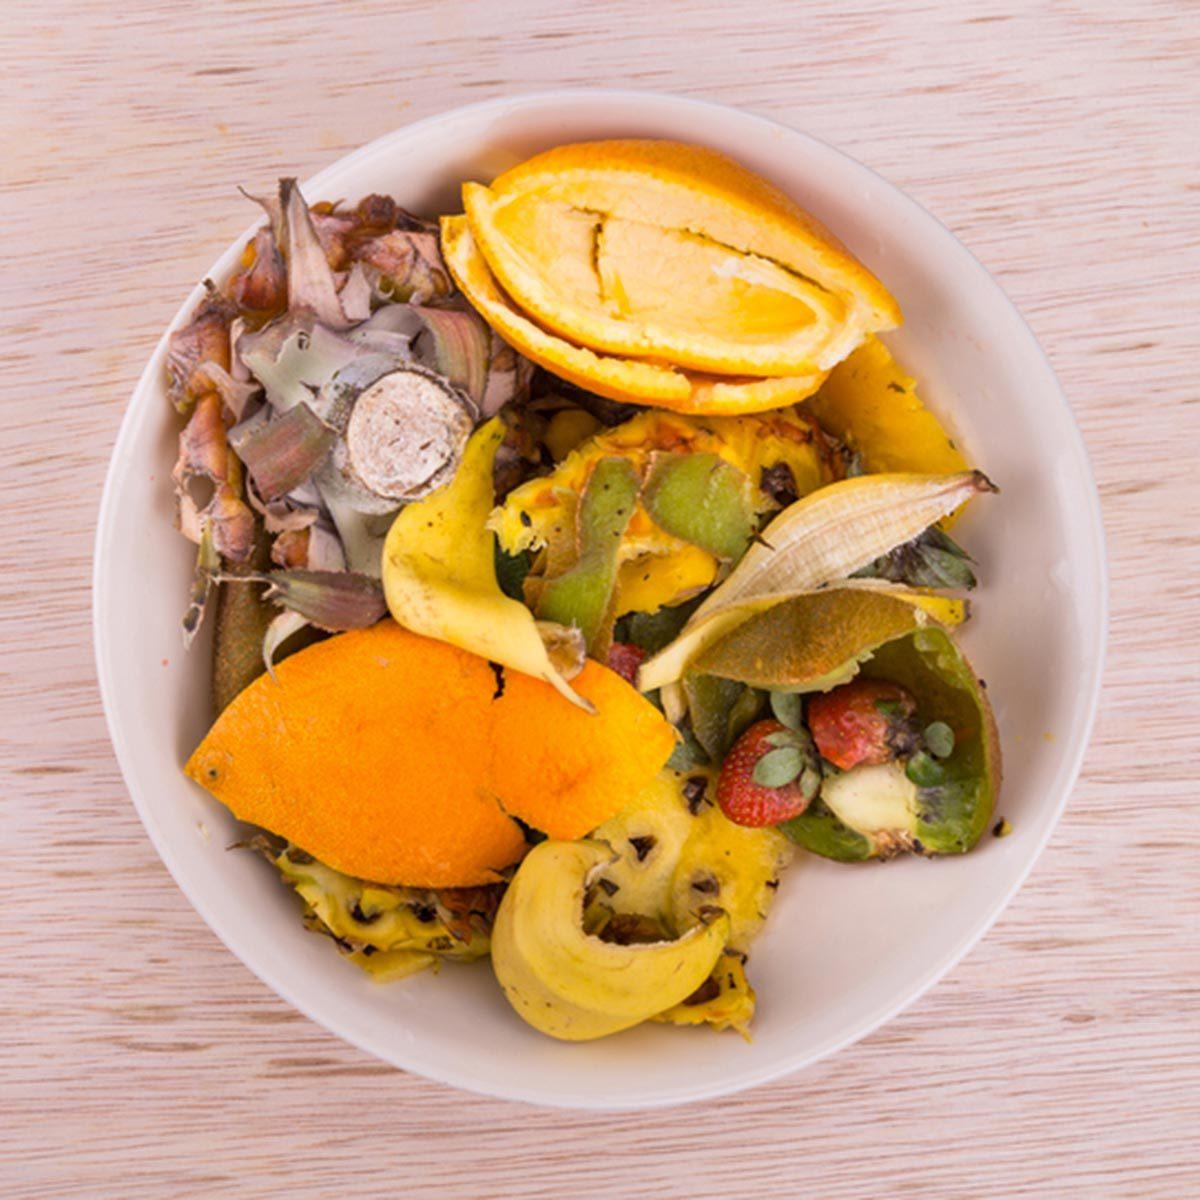 Trucs culinaires : servez-vous d'un bol de comptoir comme poubelle.